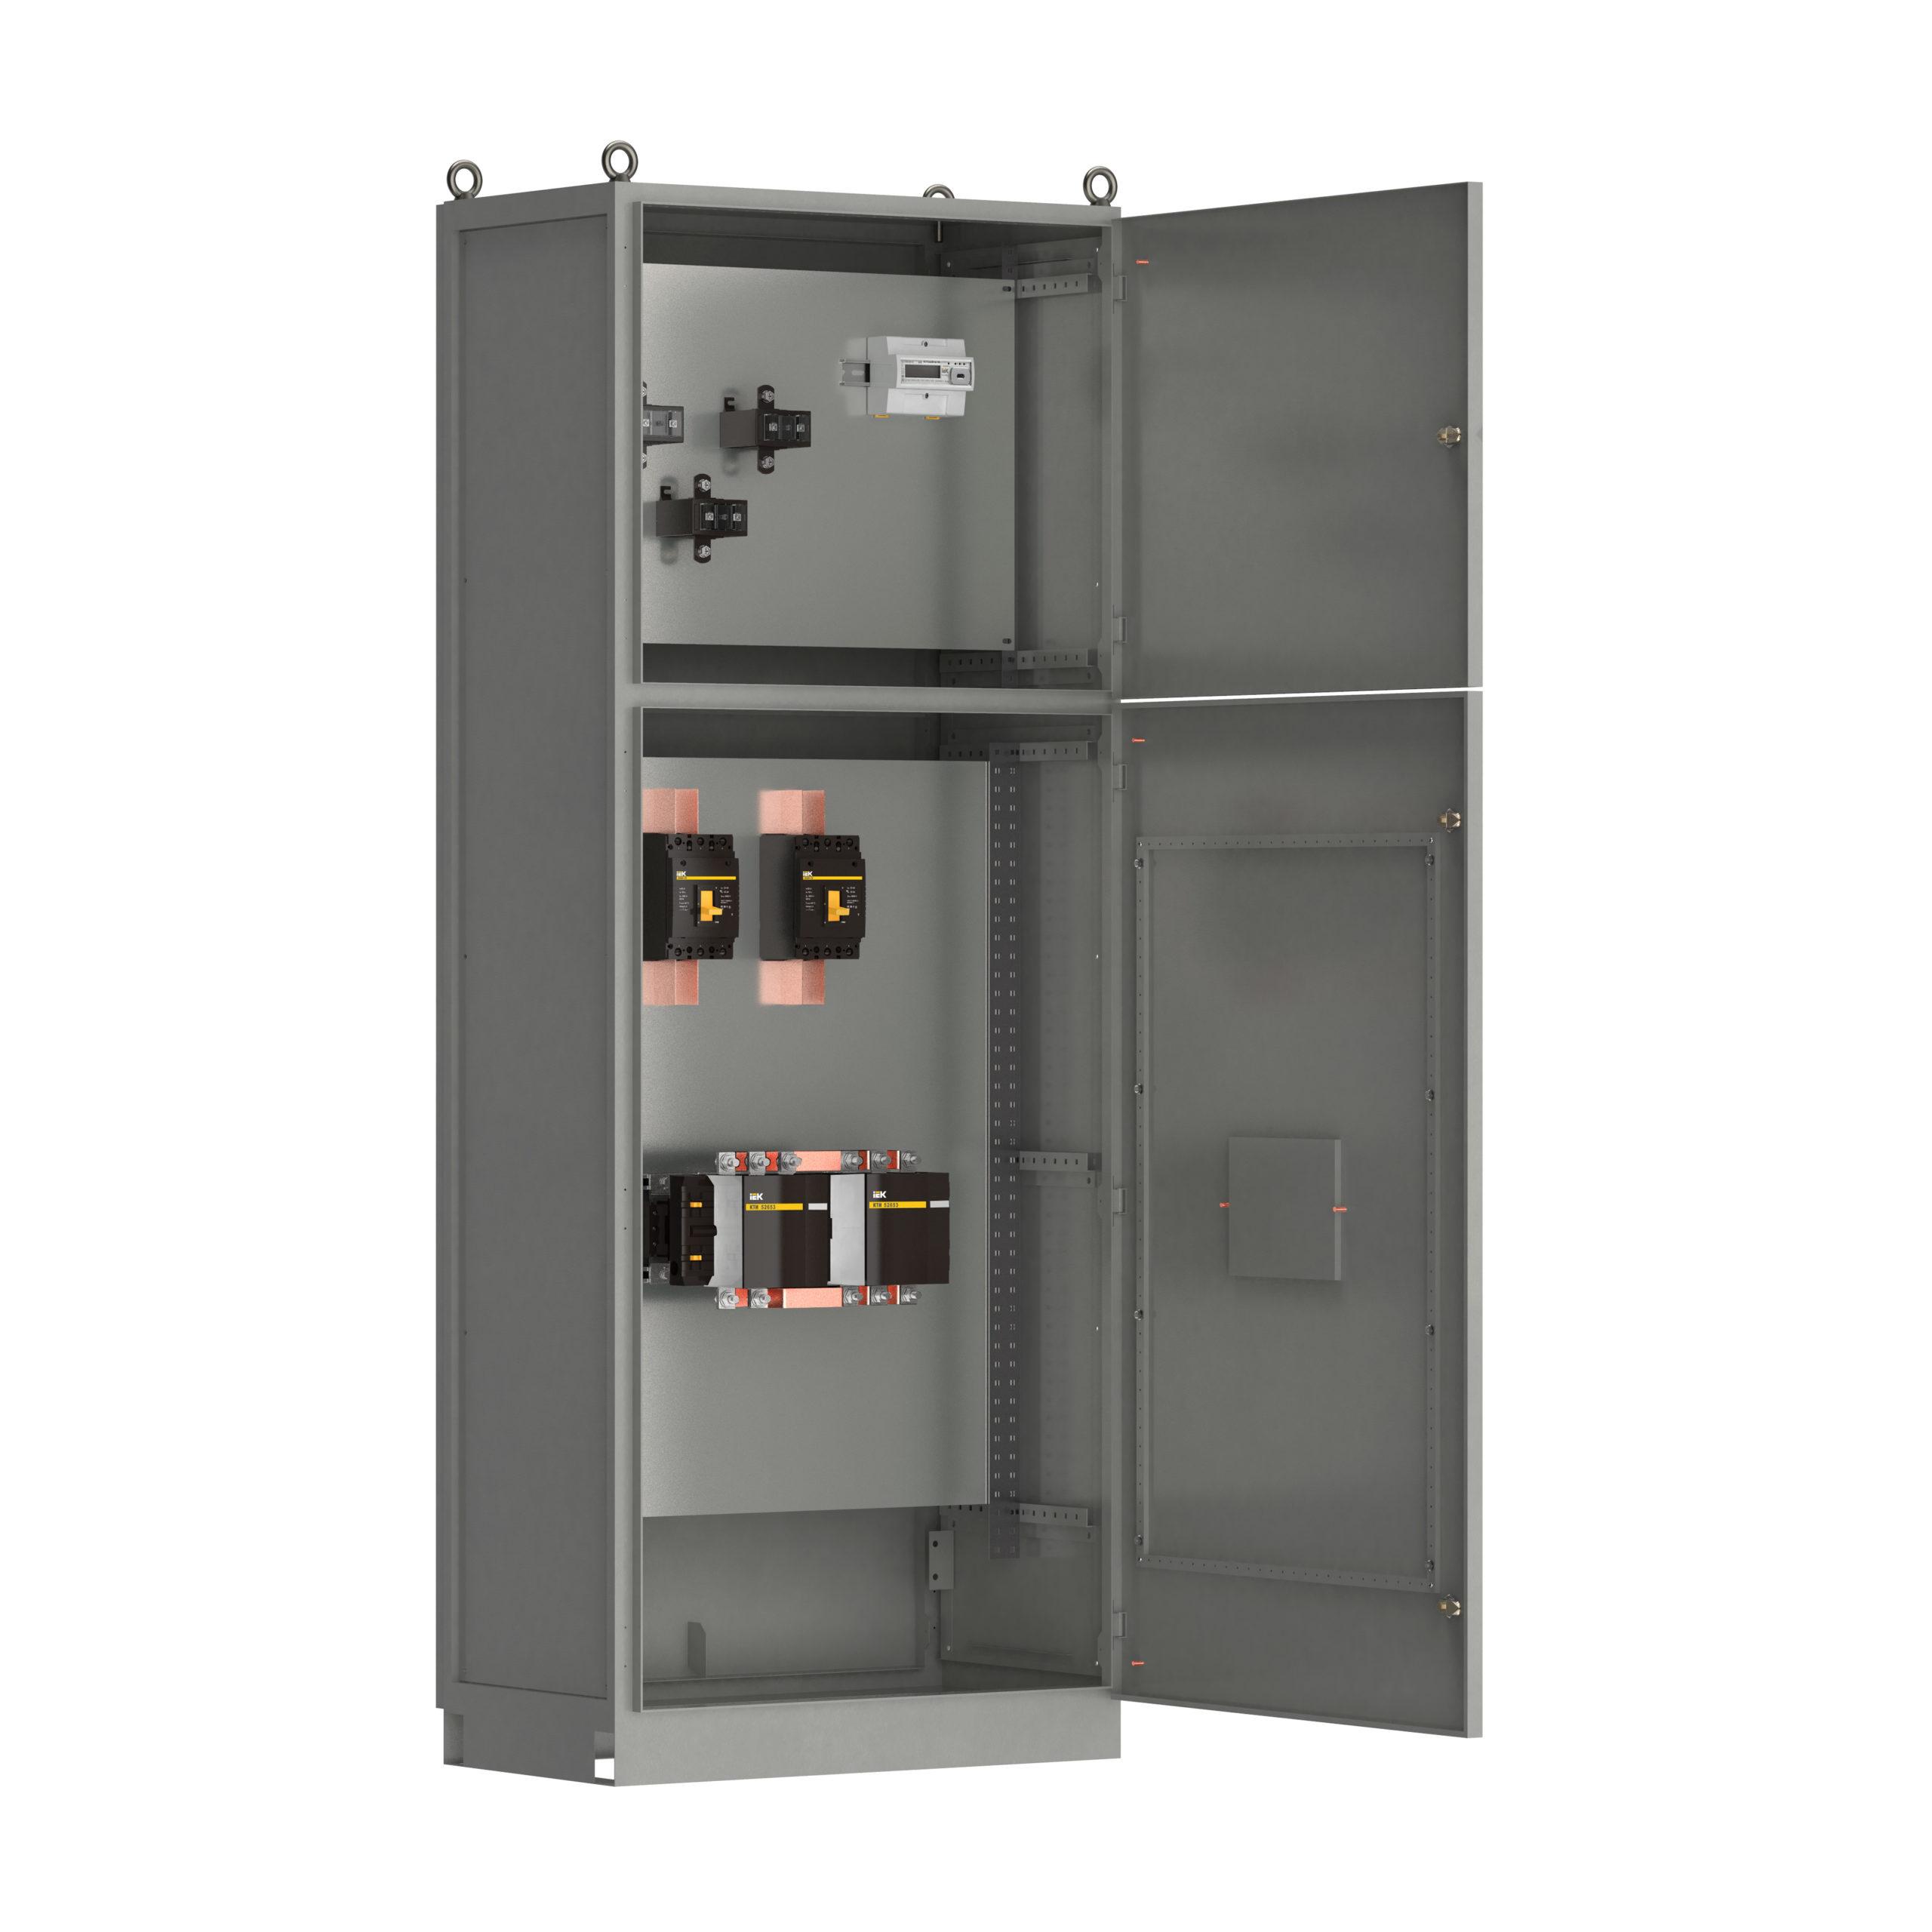 Панель вводная ВРУ-8503 МУ 2ВА-8-25-0-30 выключатели автоматические 3Р 2х250А контактор реверсивный 265А и учет IEK